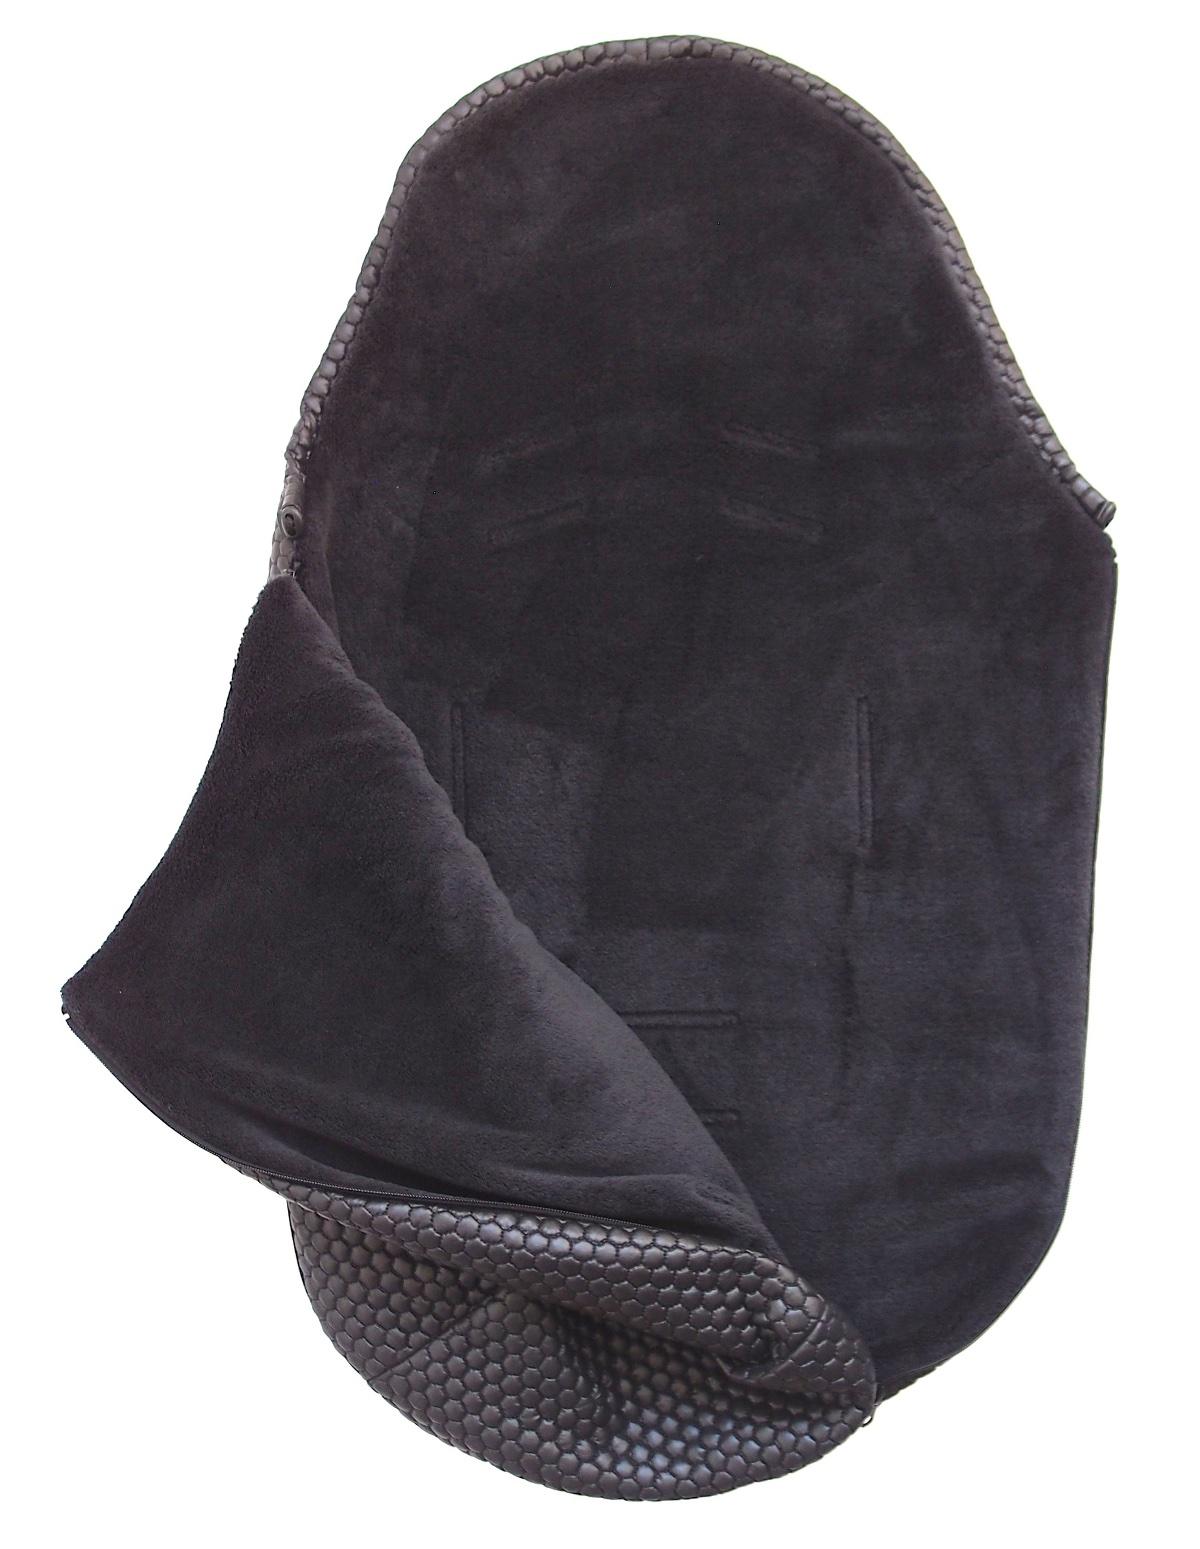 kliknutít zobrazíte maximální velikost obrázku Fußsack Black Comb 0-12 Monate